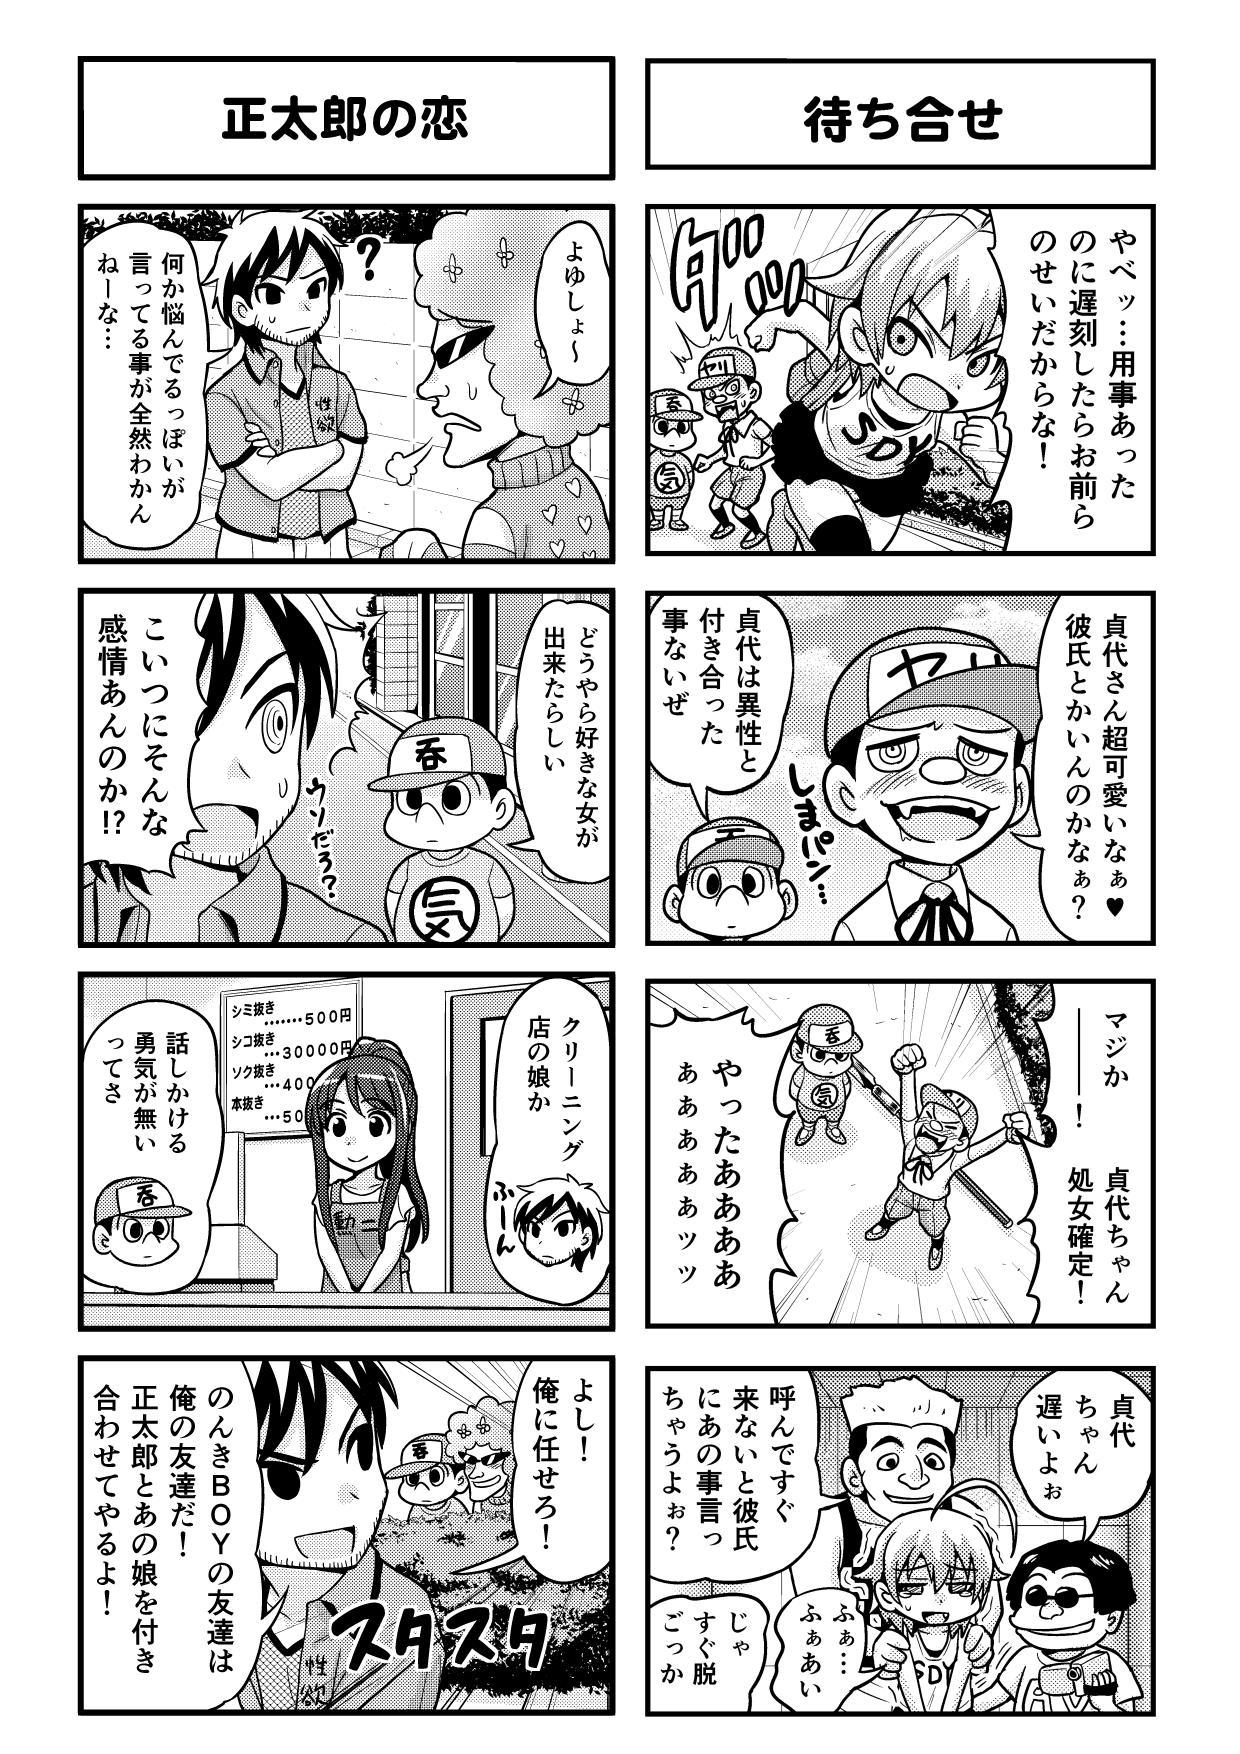 のんきBOY Ch. 1-20 66